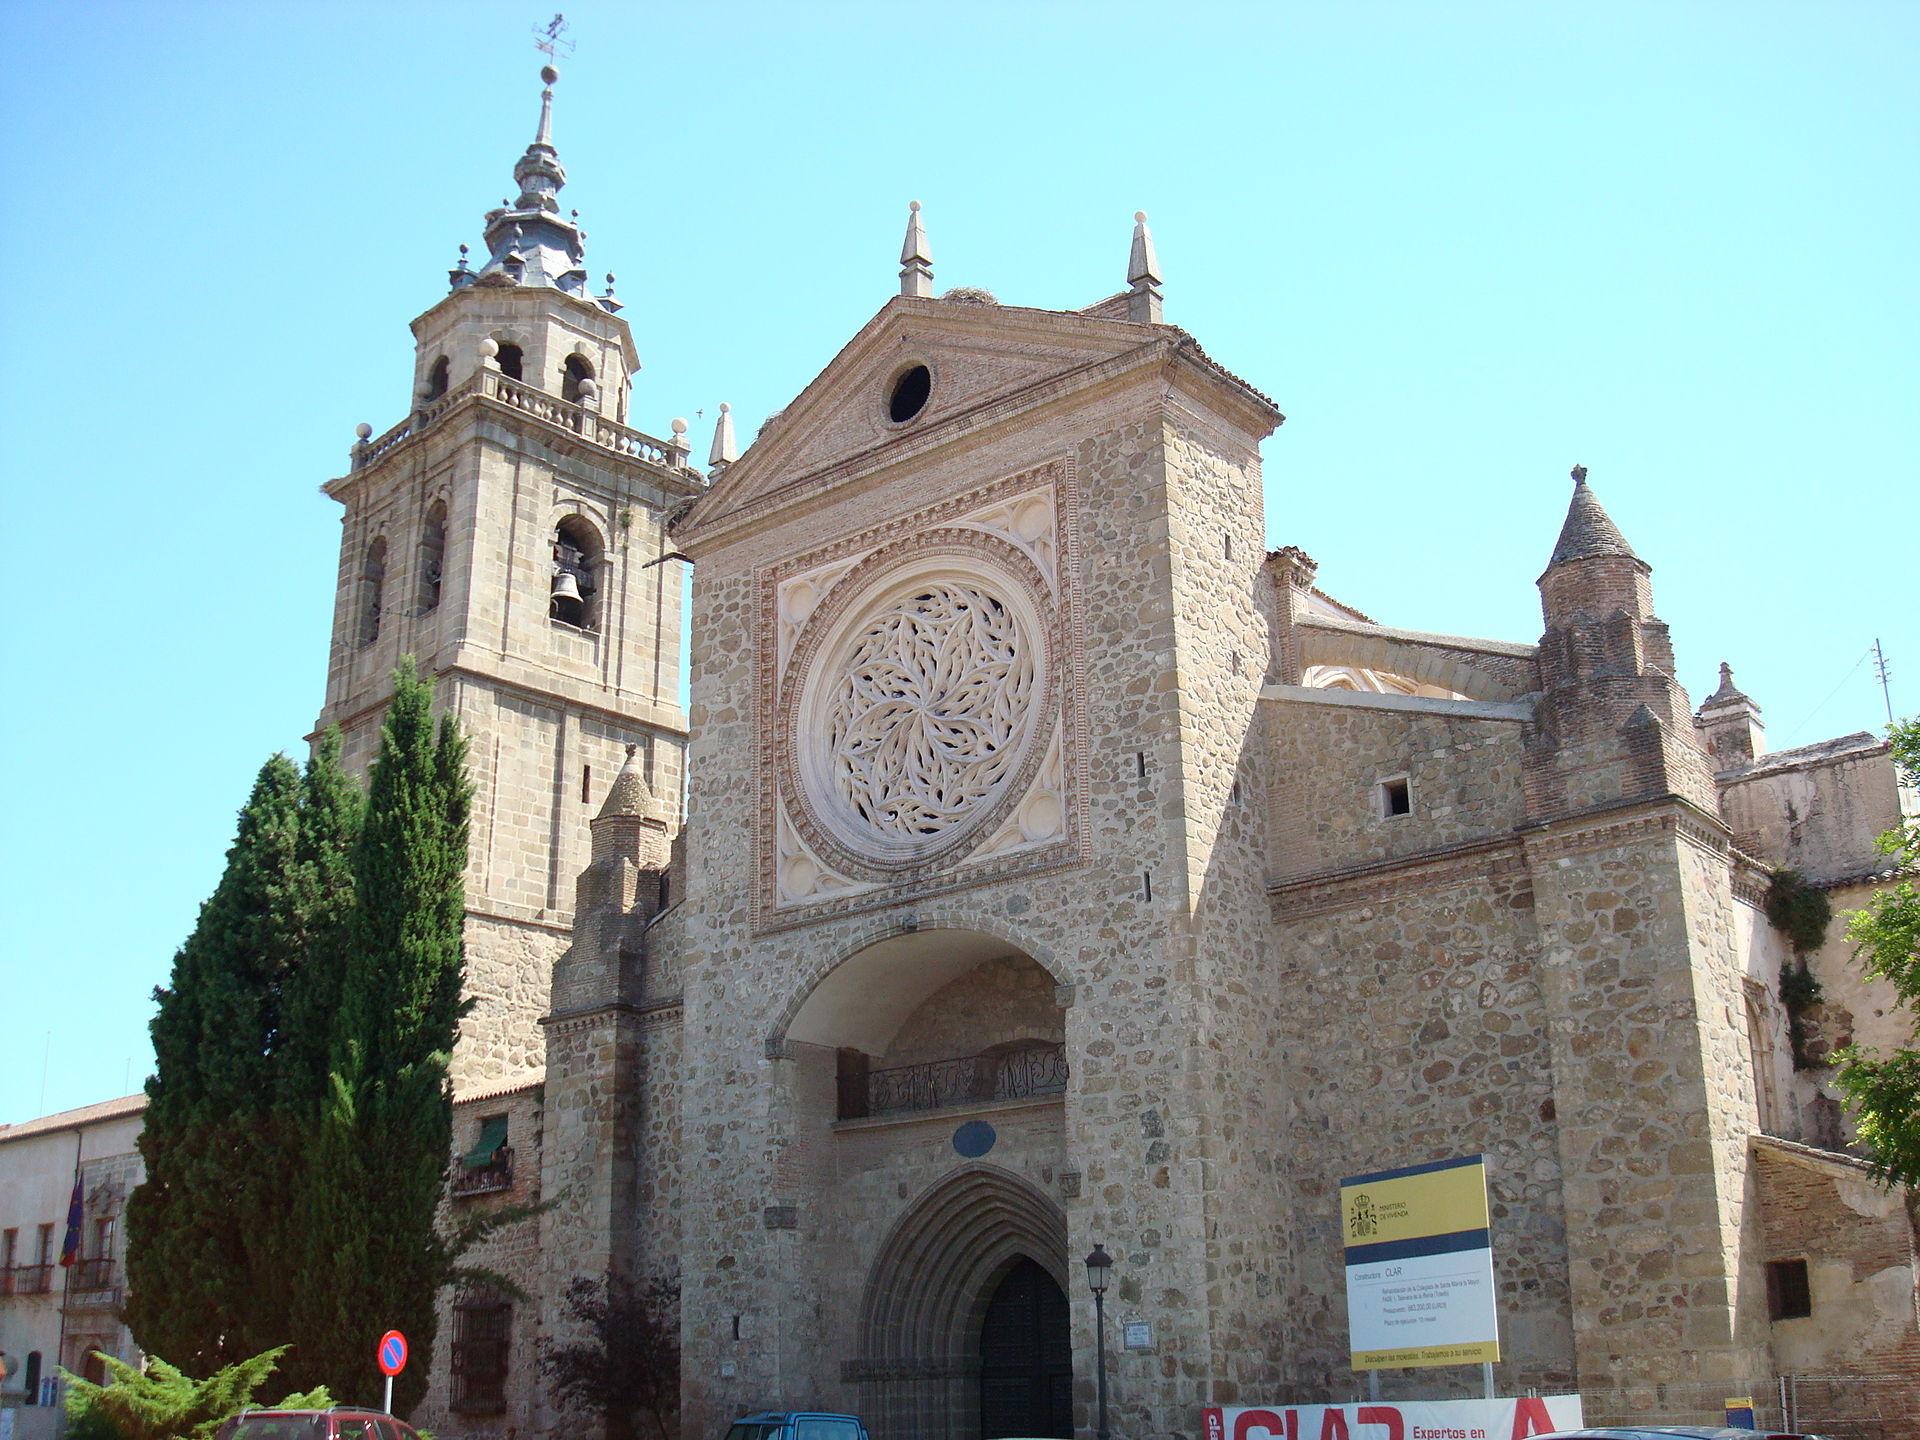 La collégiale Sainte-Talavera de la Reina est une commune d'Espagne de la province de Tolède dans la communauté autonome de Castille-La Manche.